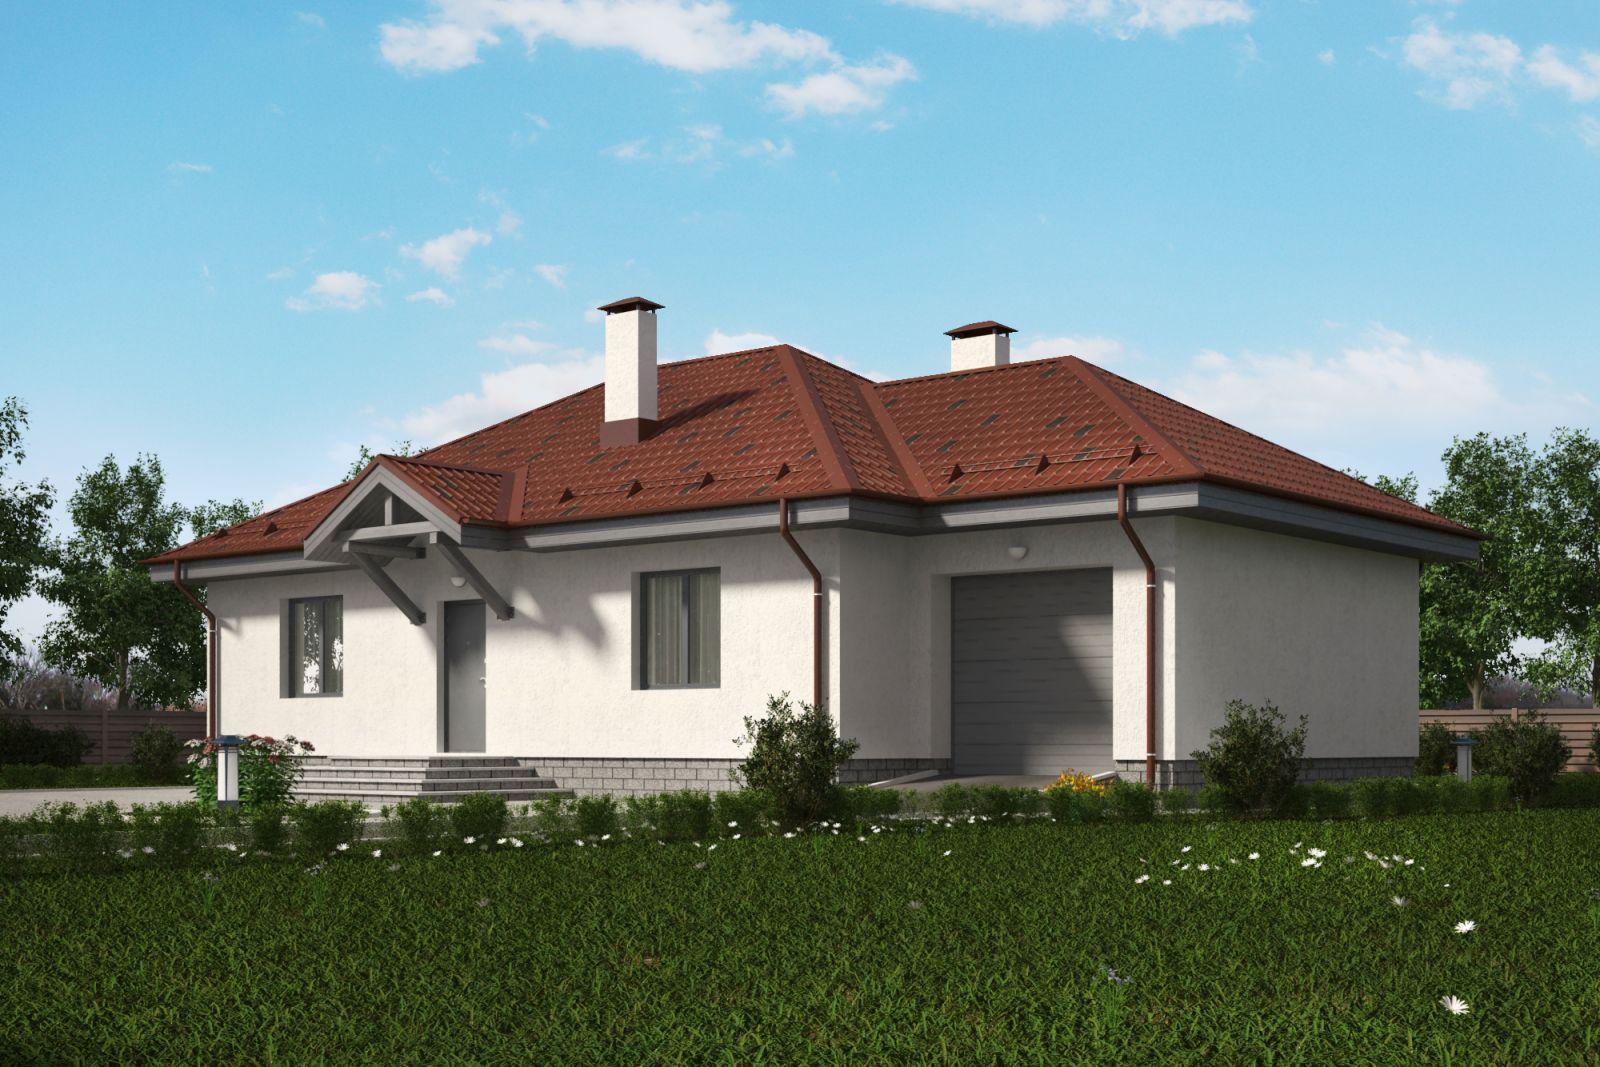 Одноэтажный дом с гаражом проект